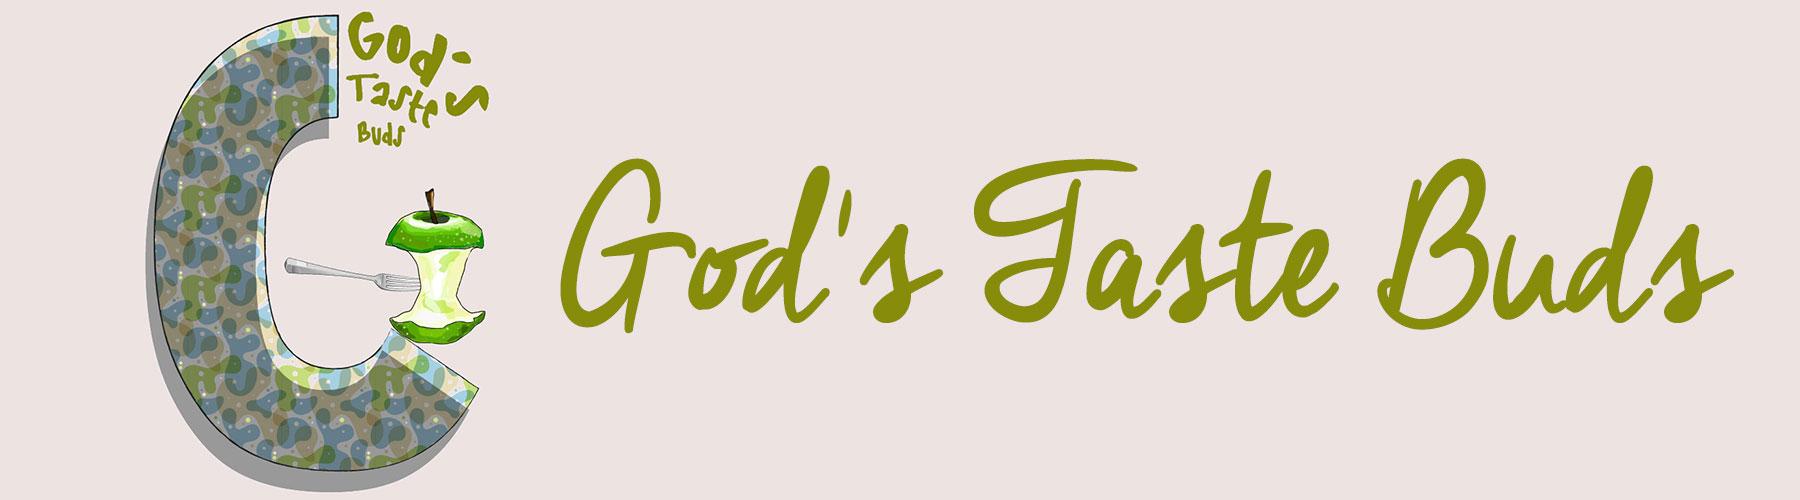 God\'s Taste Buds™